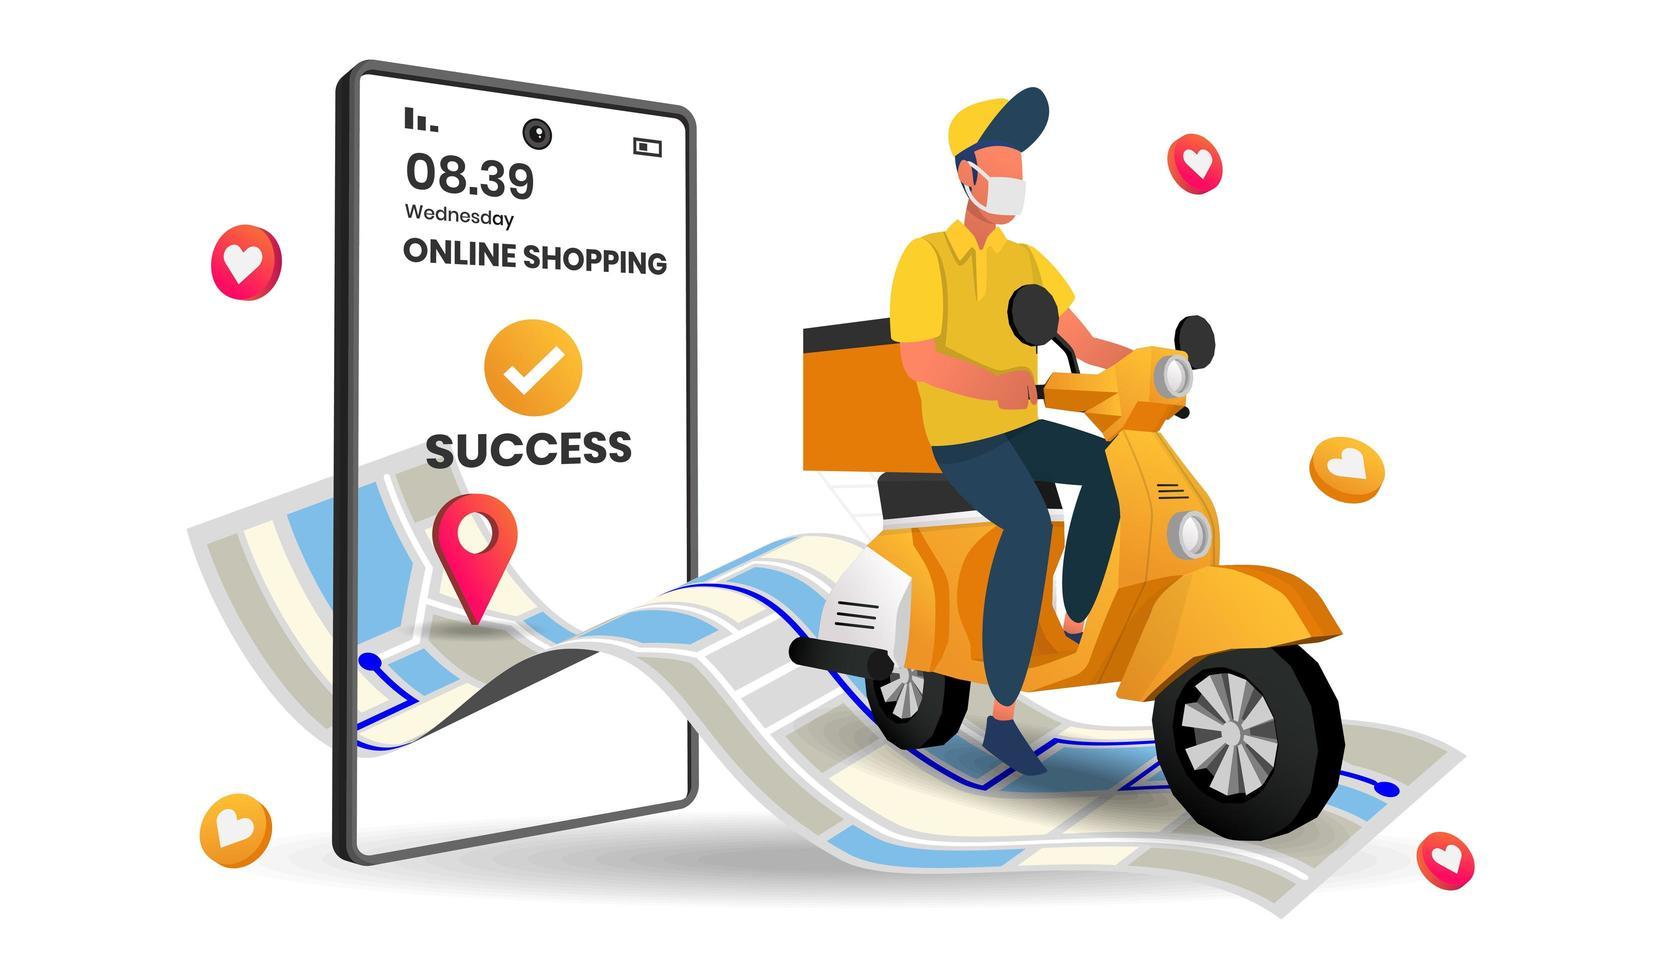 servicio de entrega de aplicaciones móviles en línea por scooter vector